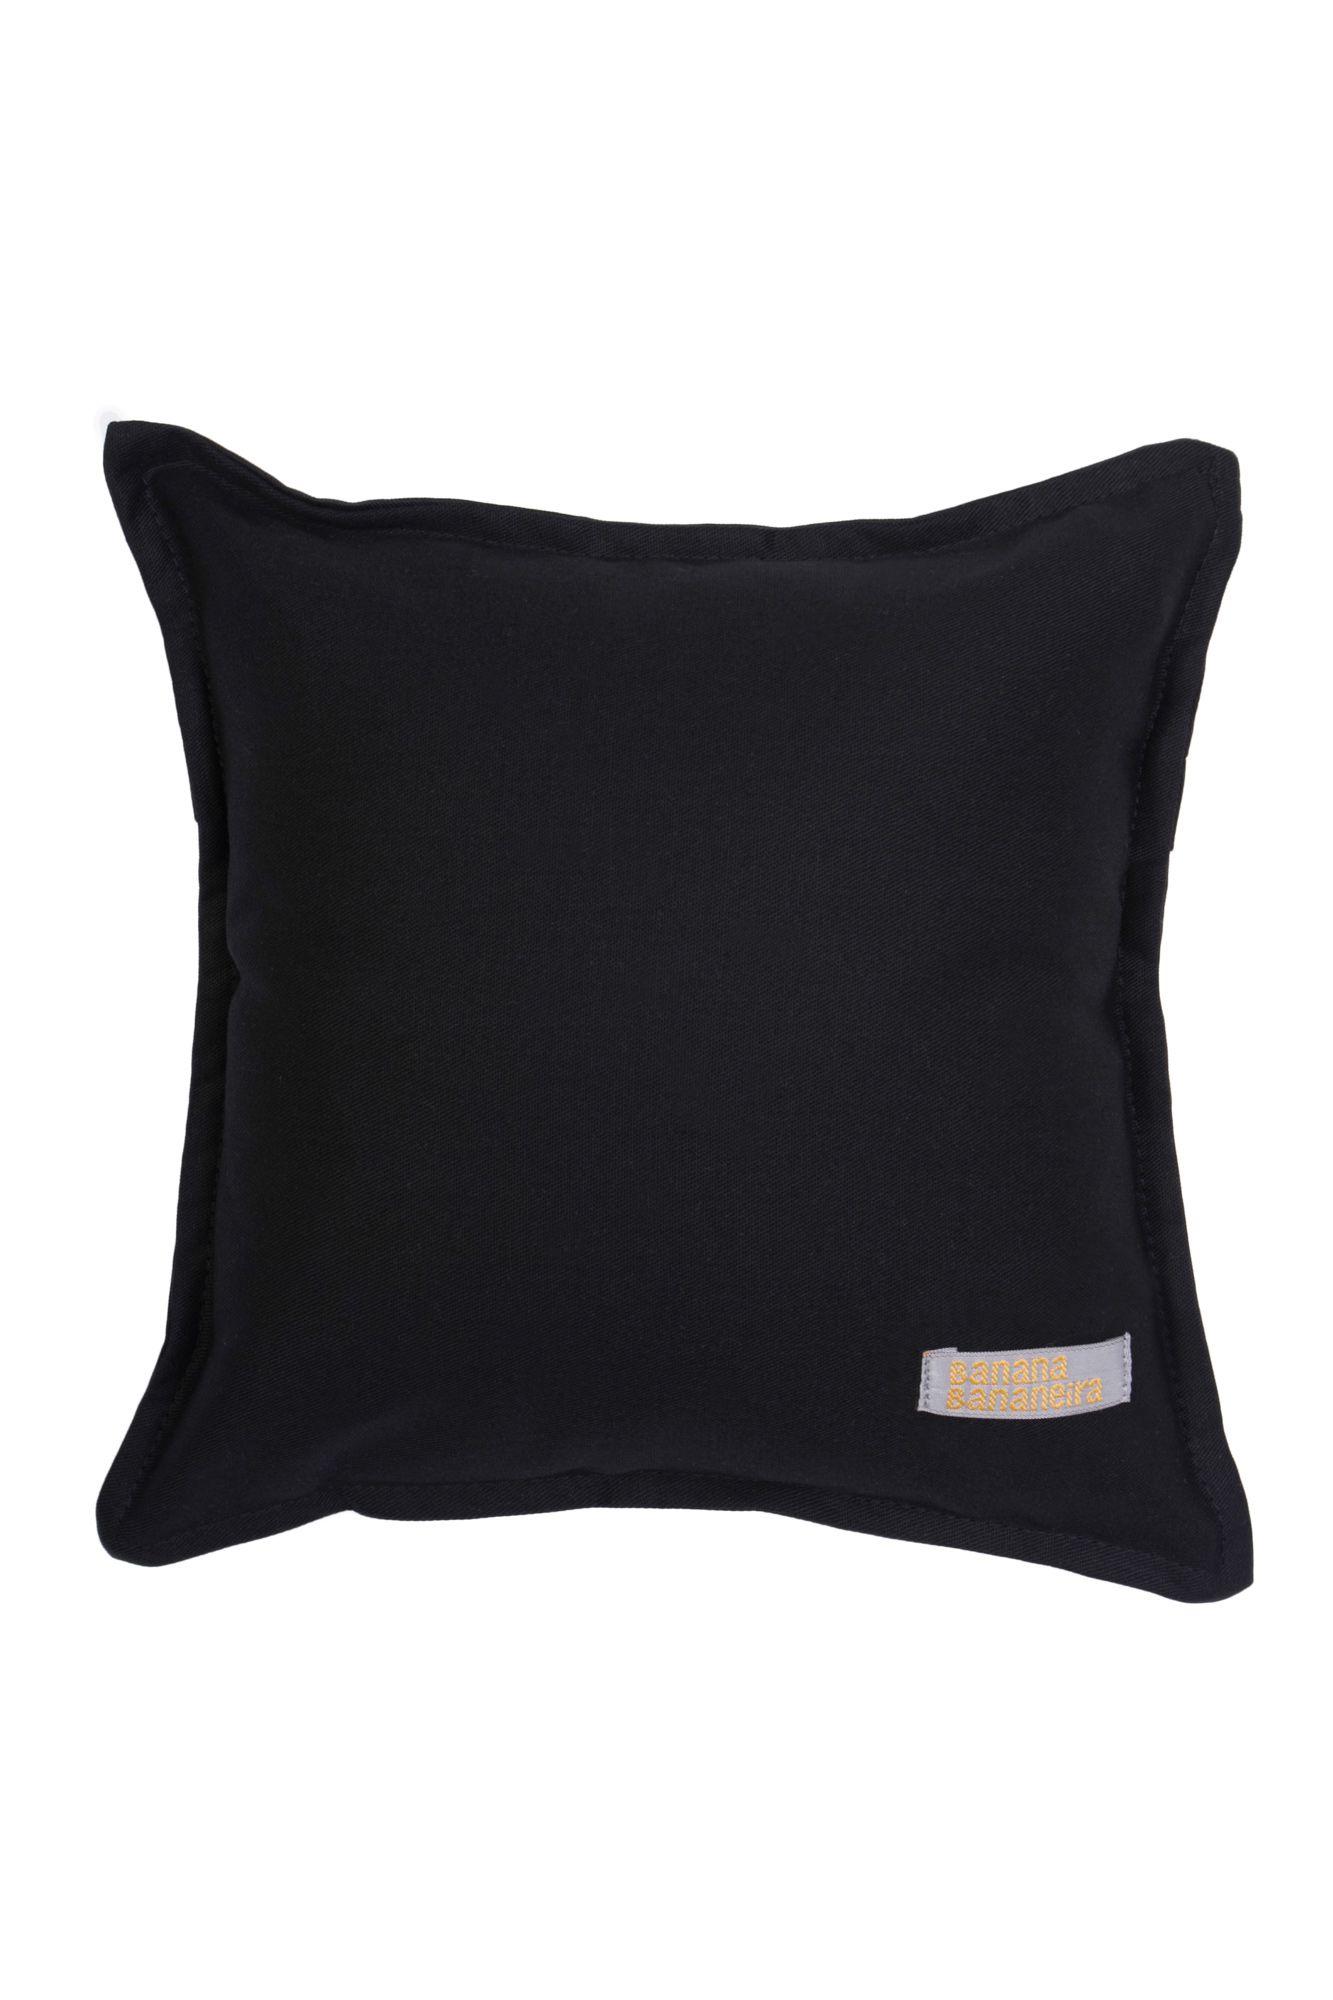 Almofada em pesponto 25 cm x 25 cm preta